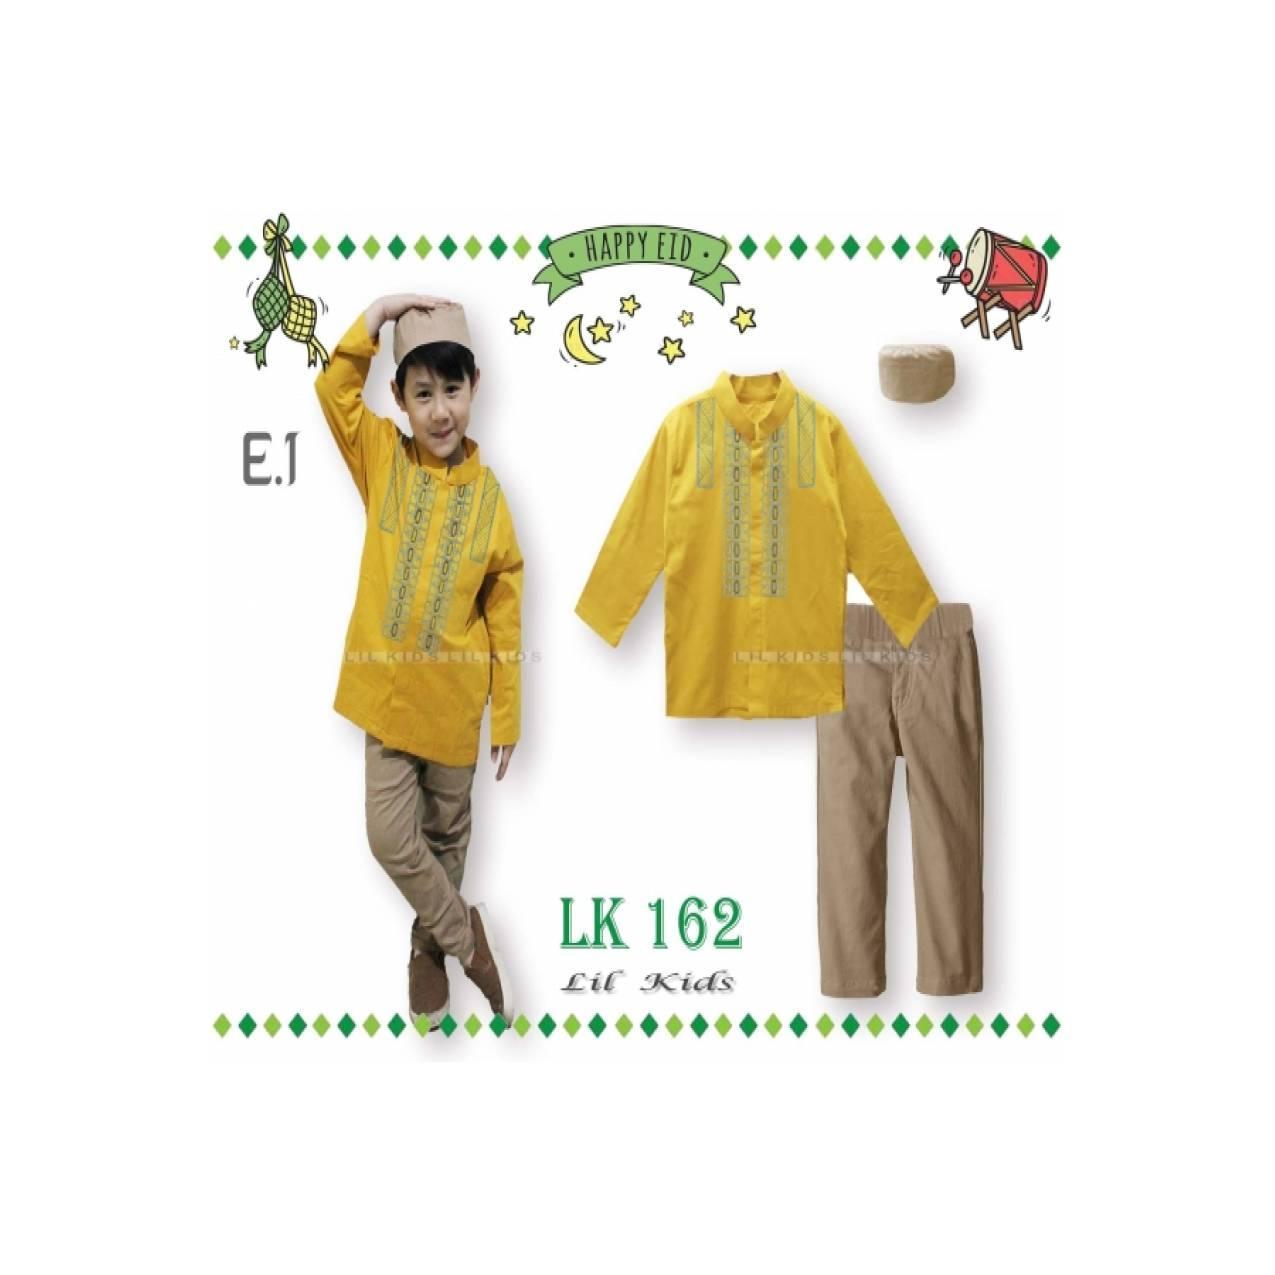 Promo LK162 E1 Besar Baju Koko Panjang Anak Import Lebaran Peci Kunin